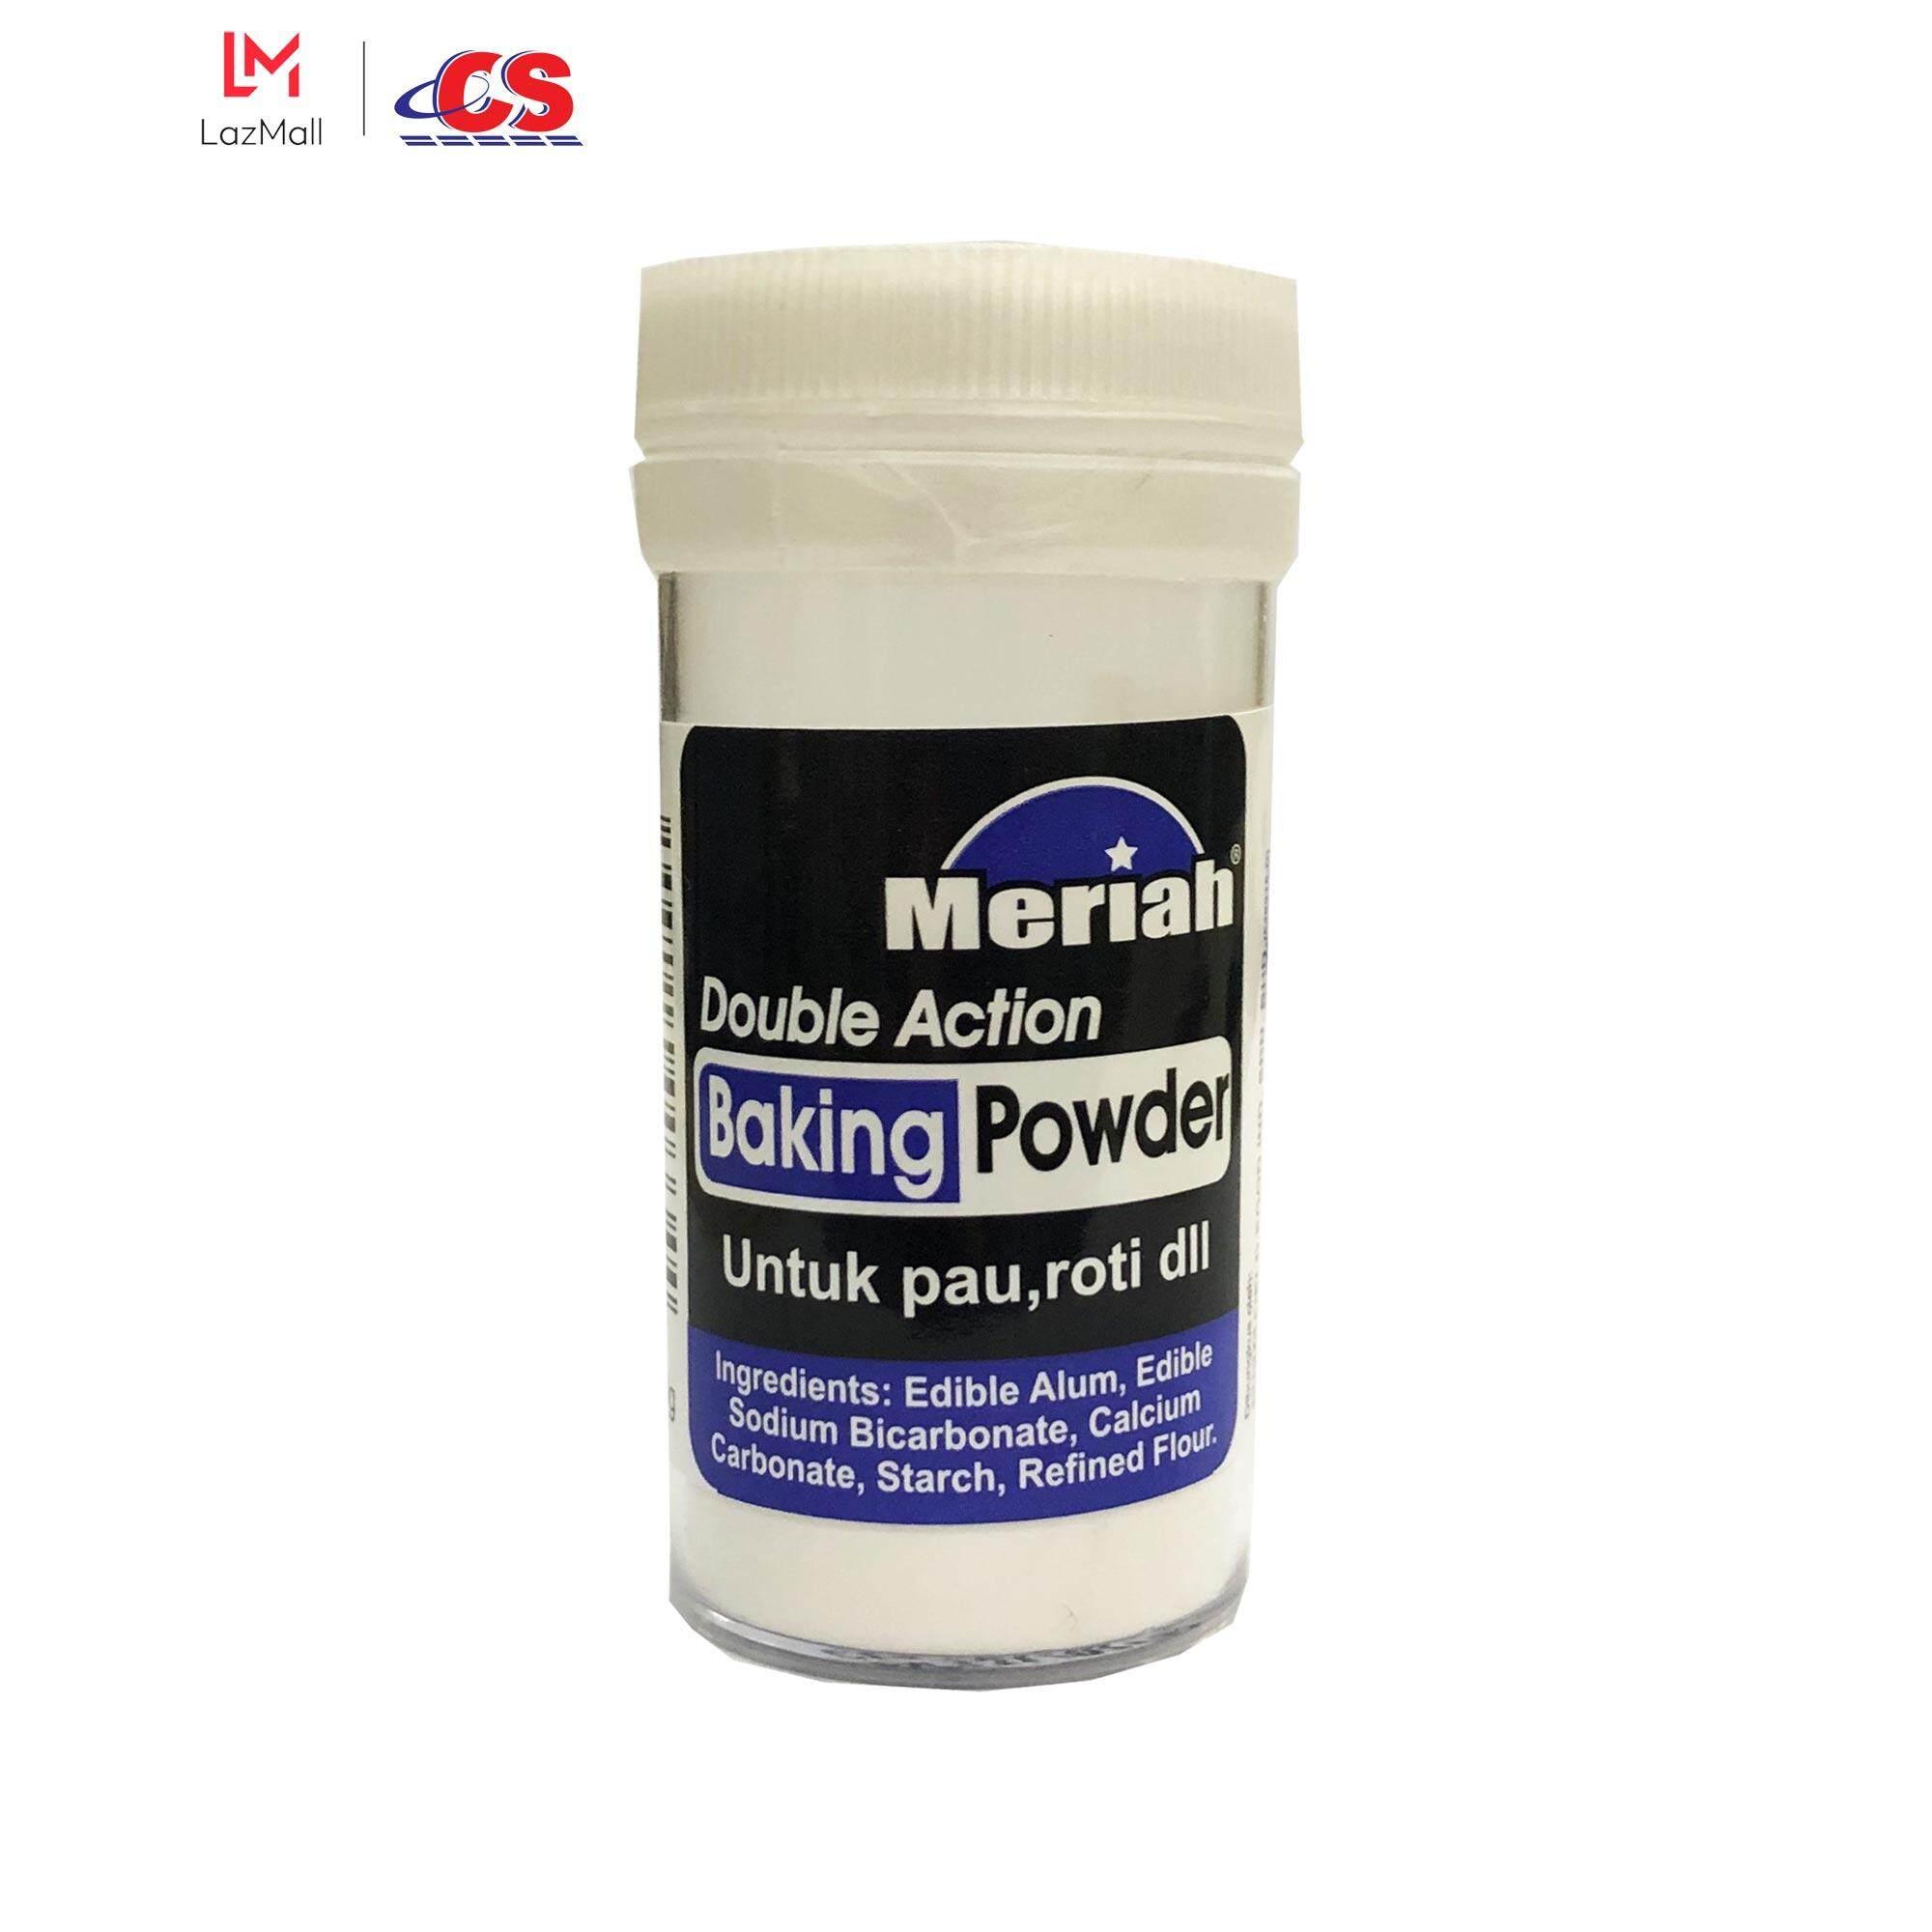 MERIAH Double Action Baking Powder 40g